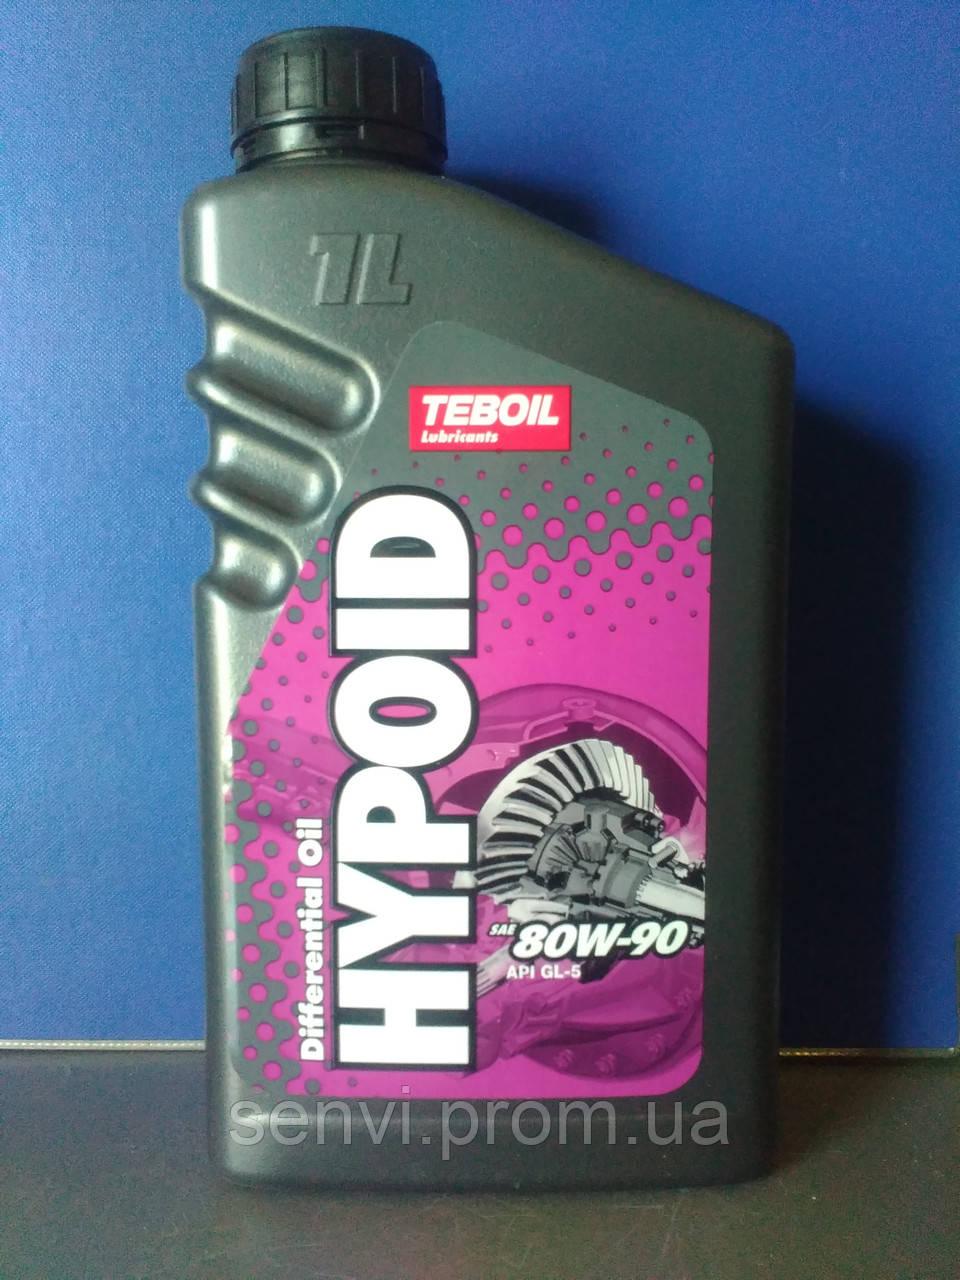 Трансмиссионное масло Teboil Hypoid 80W-90 (1л.)